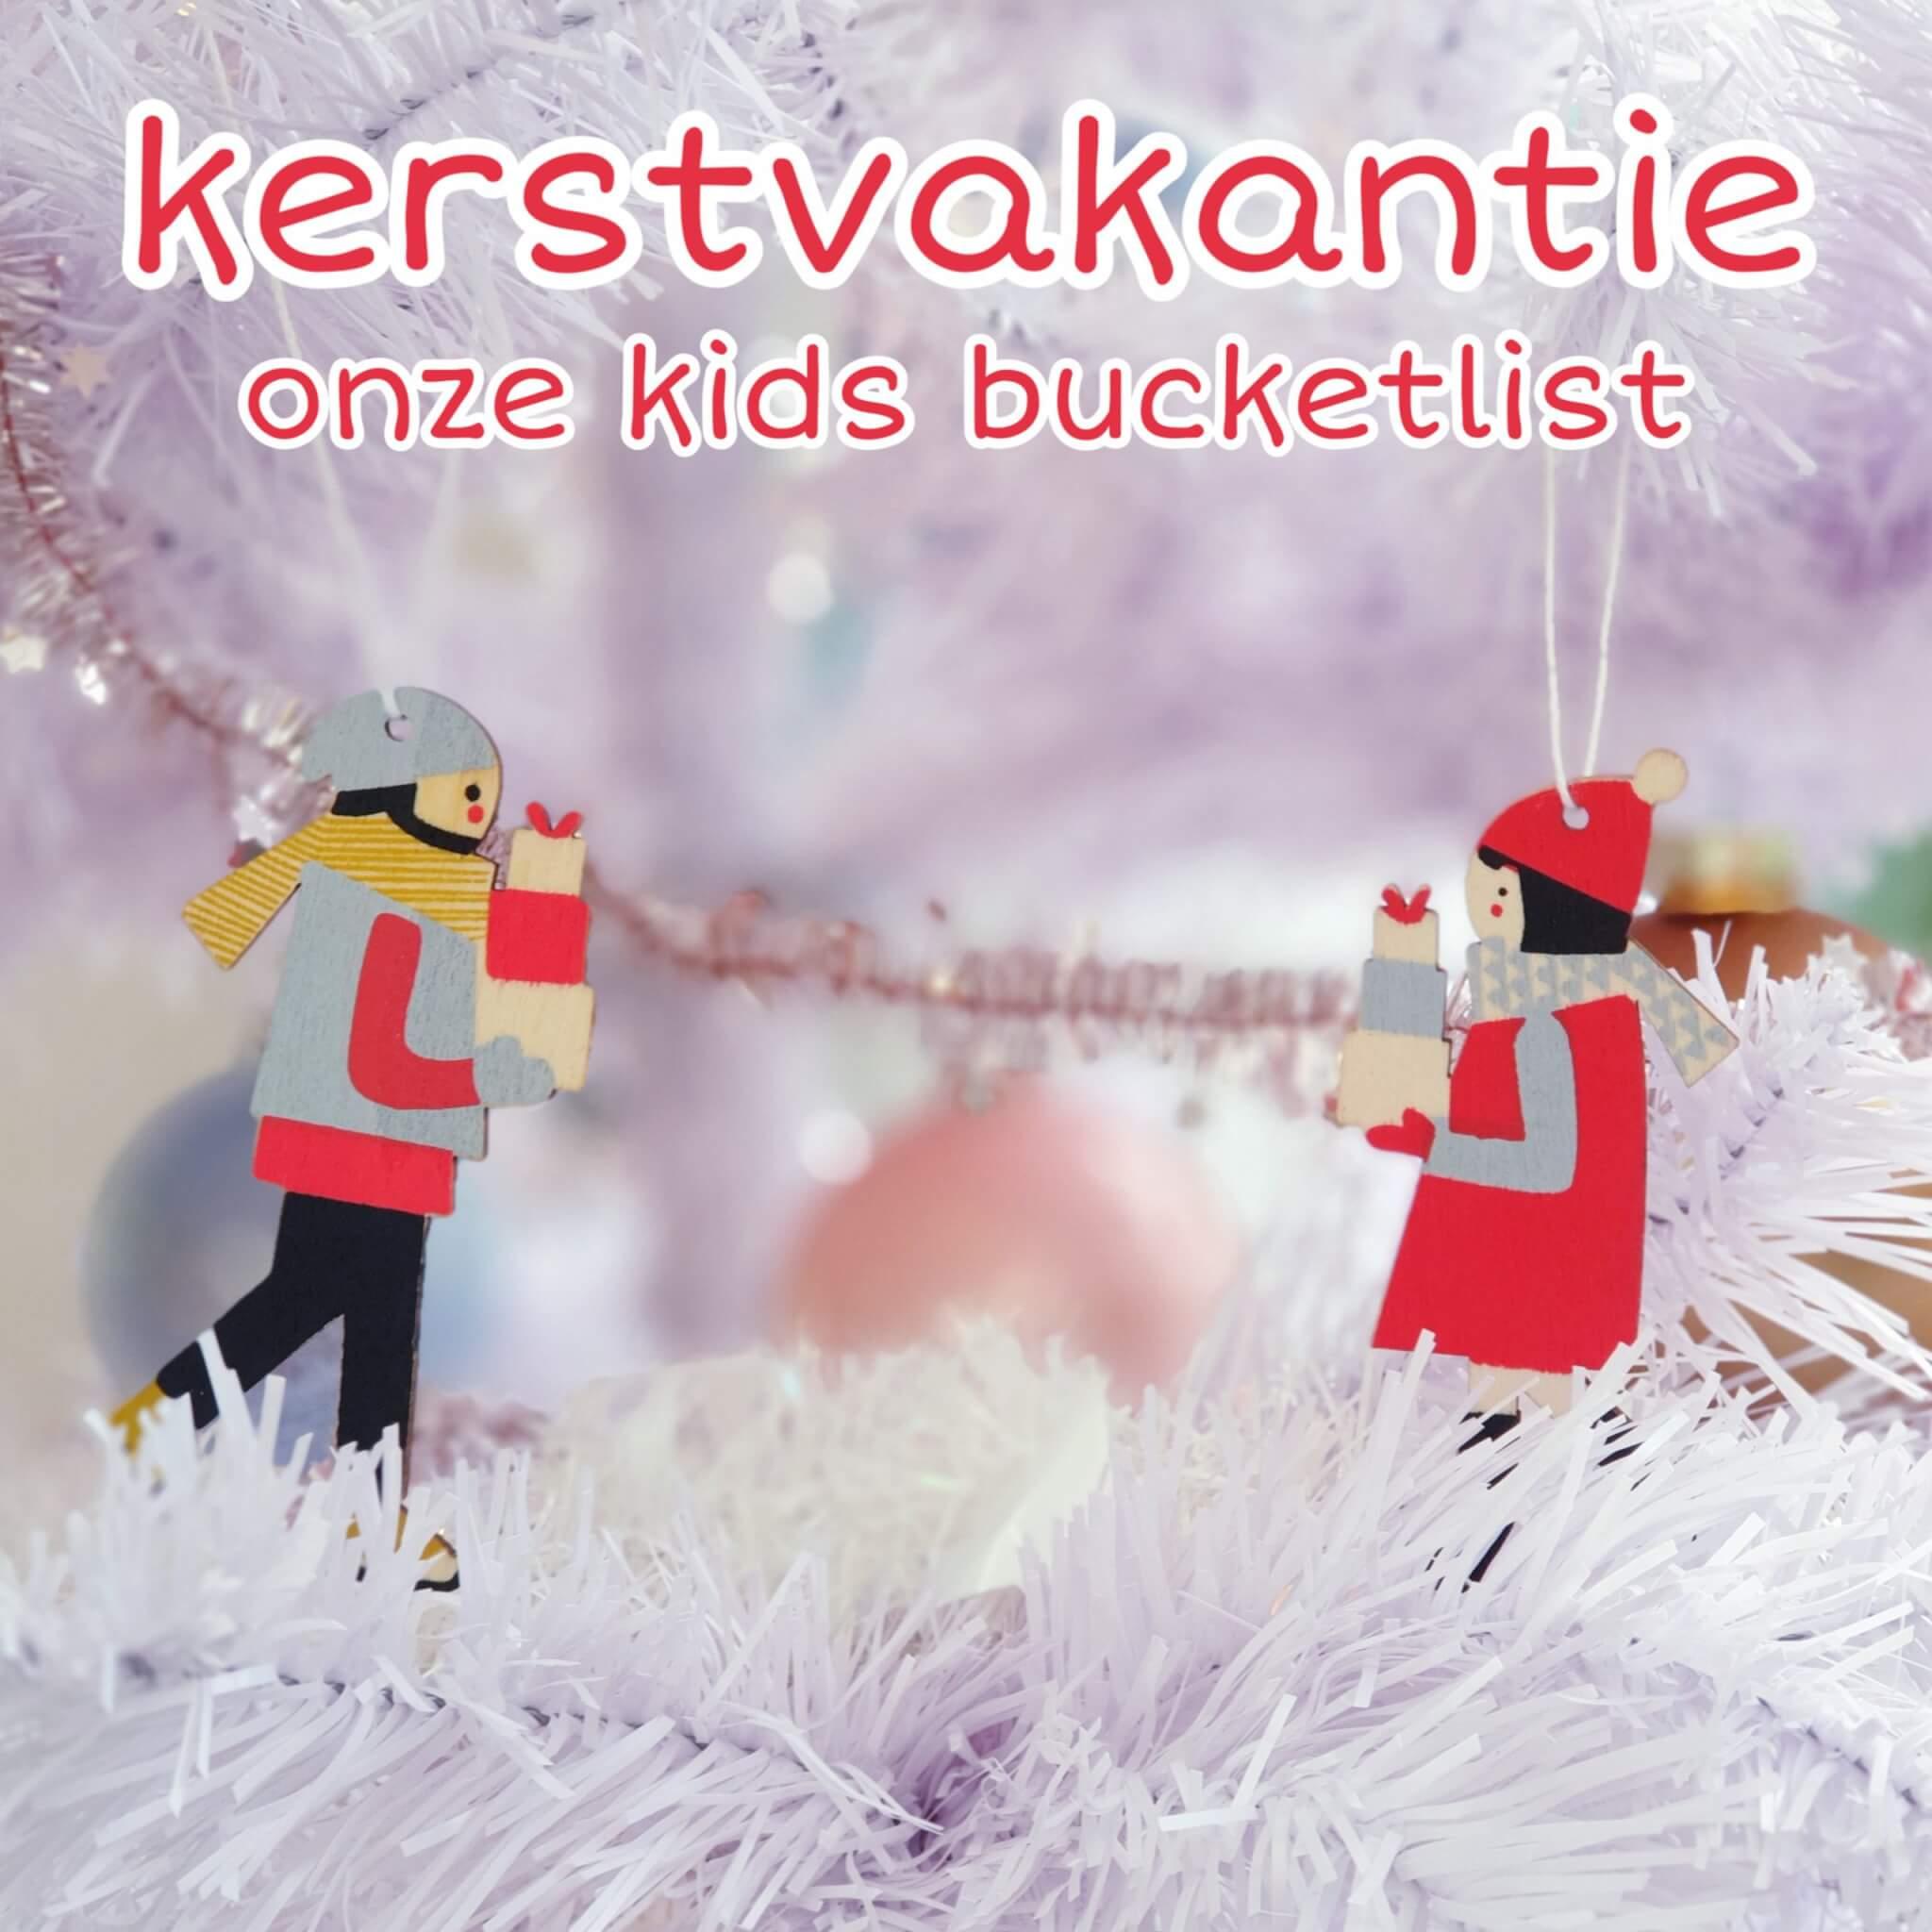 Onze kids bucketlist voor kerst: kerstvakantie activiteiten